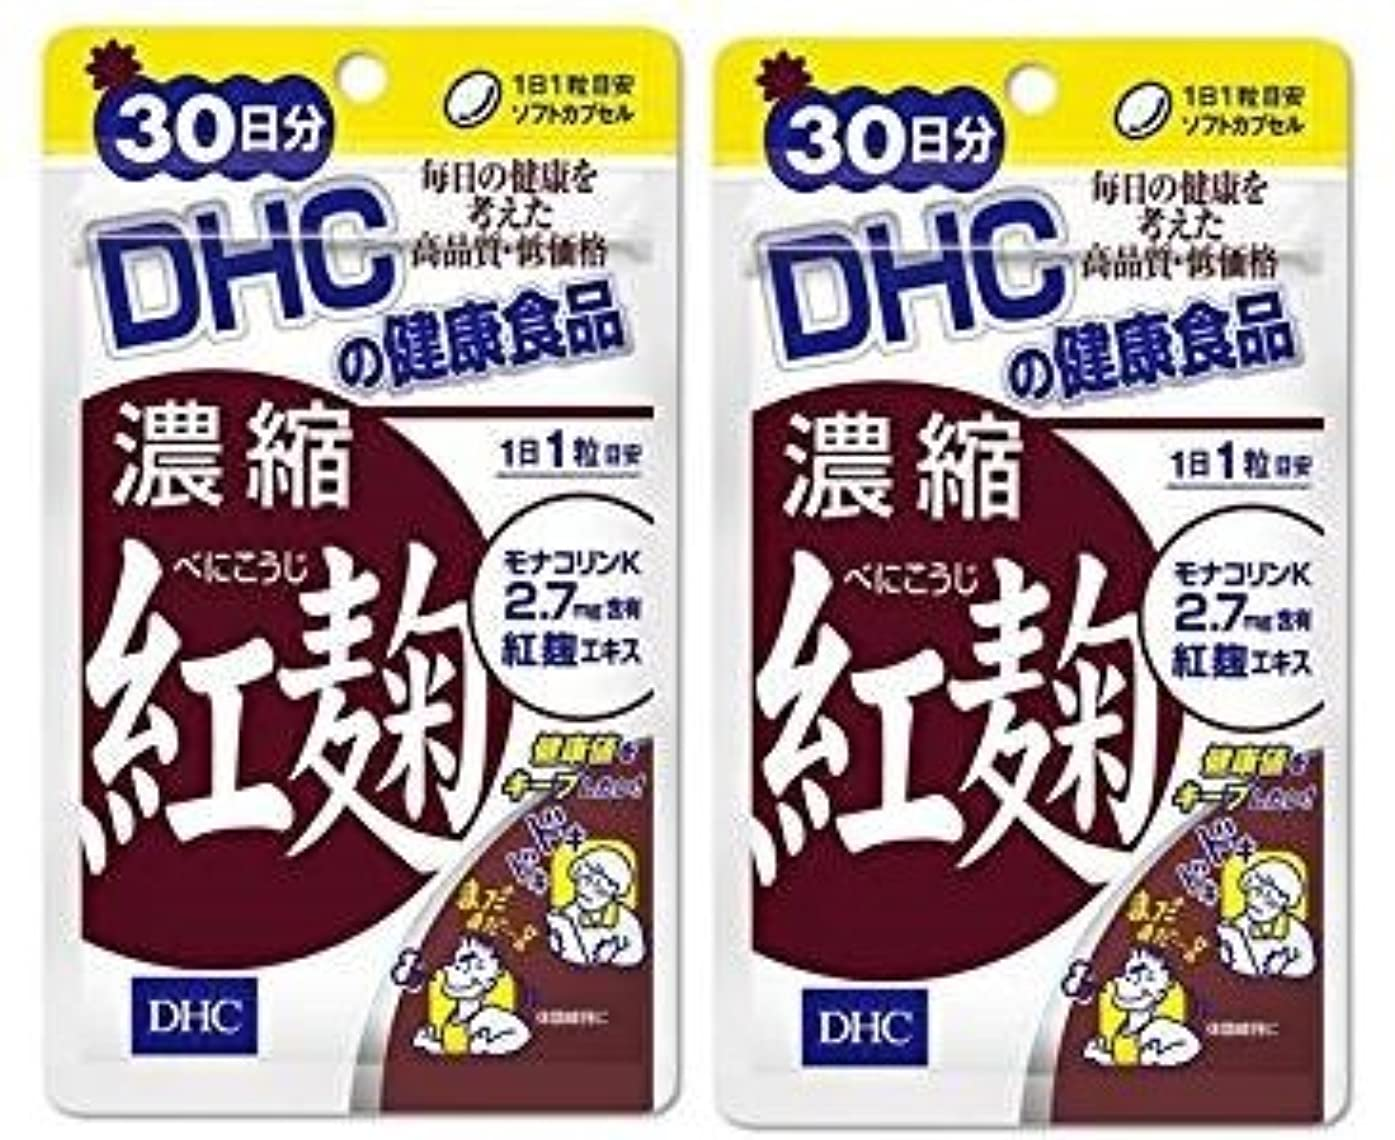 安定したまたねアニメーションDHC 濃縮紅麹(べにこうじ) 30日分 × 2袋